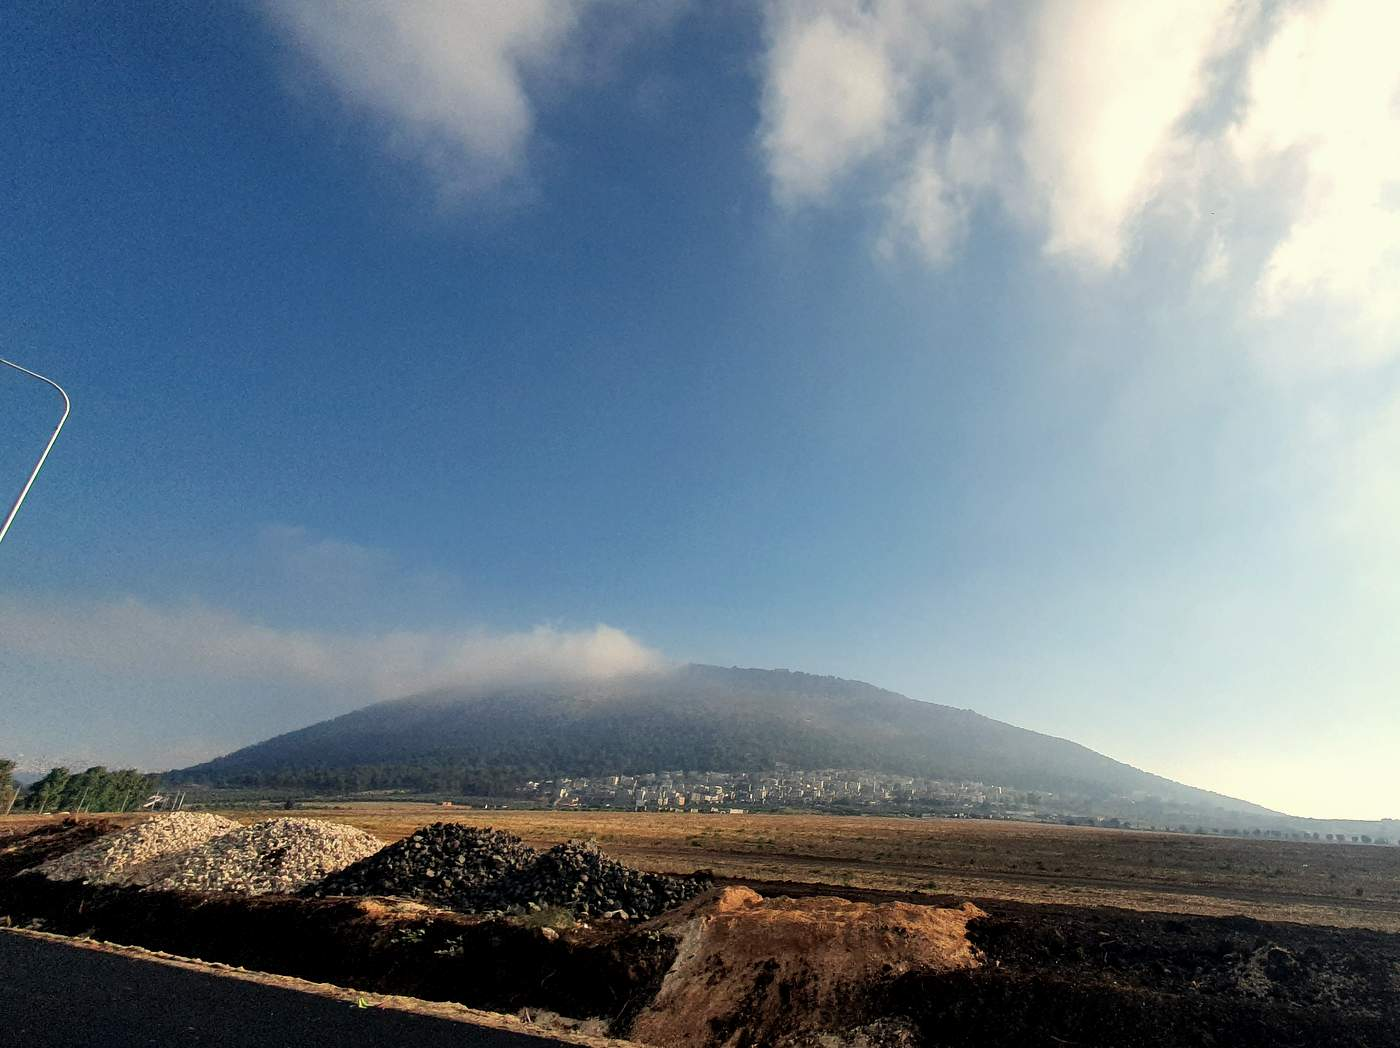 הר גלבוע